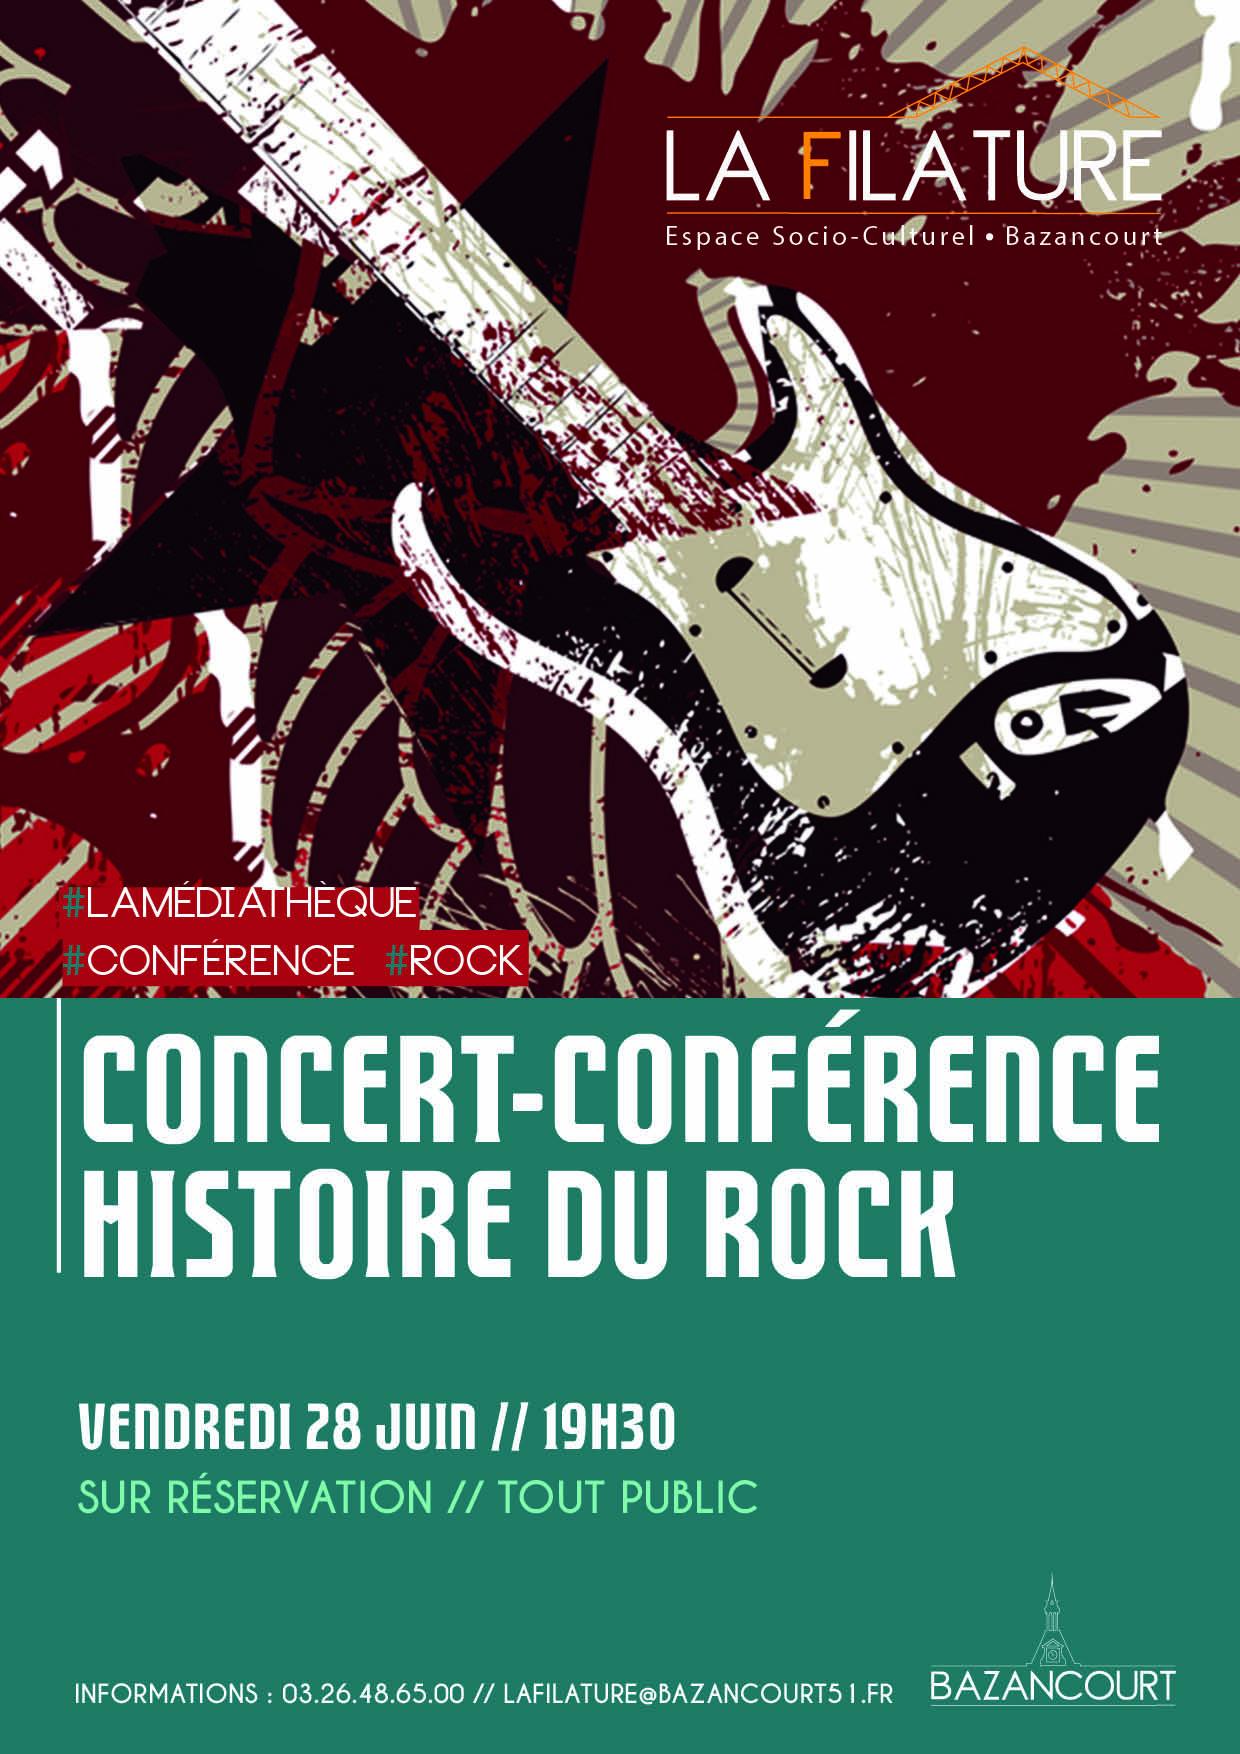 Concert-Conférence / Histoire du rock